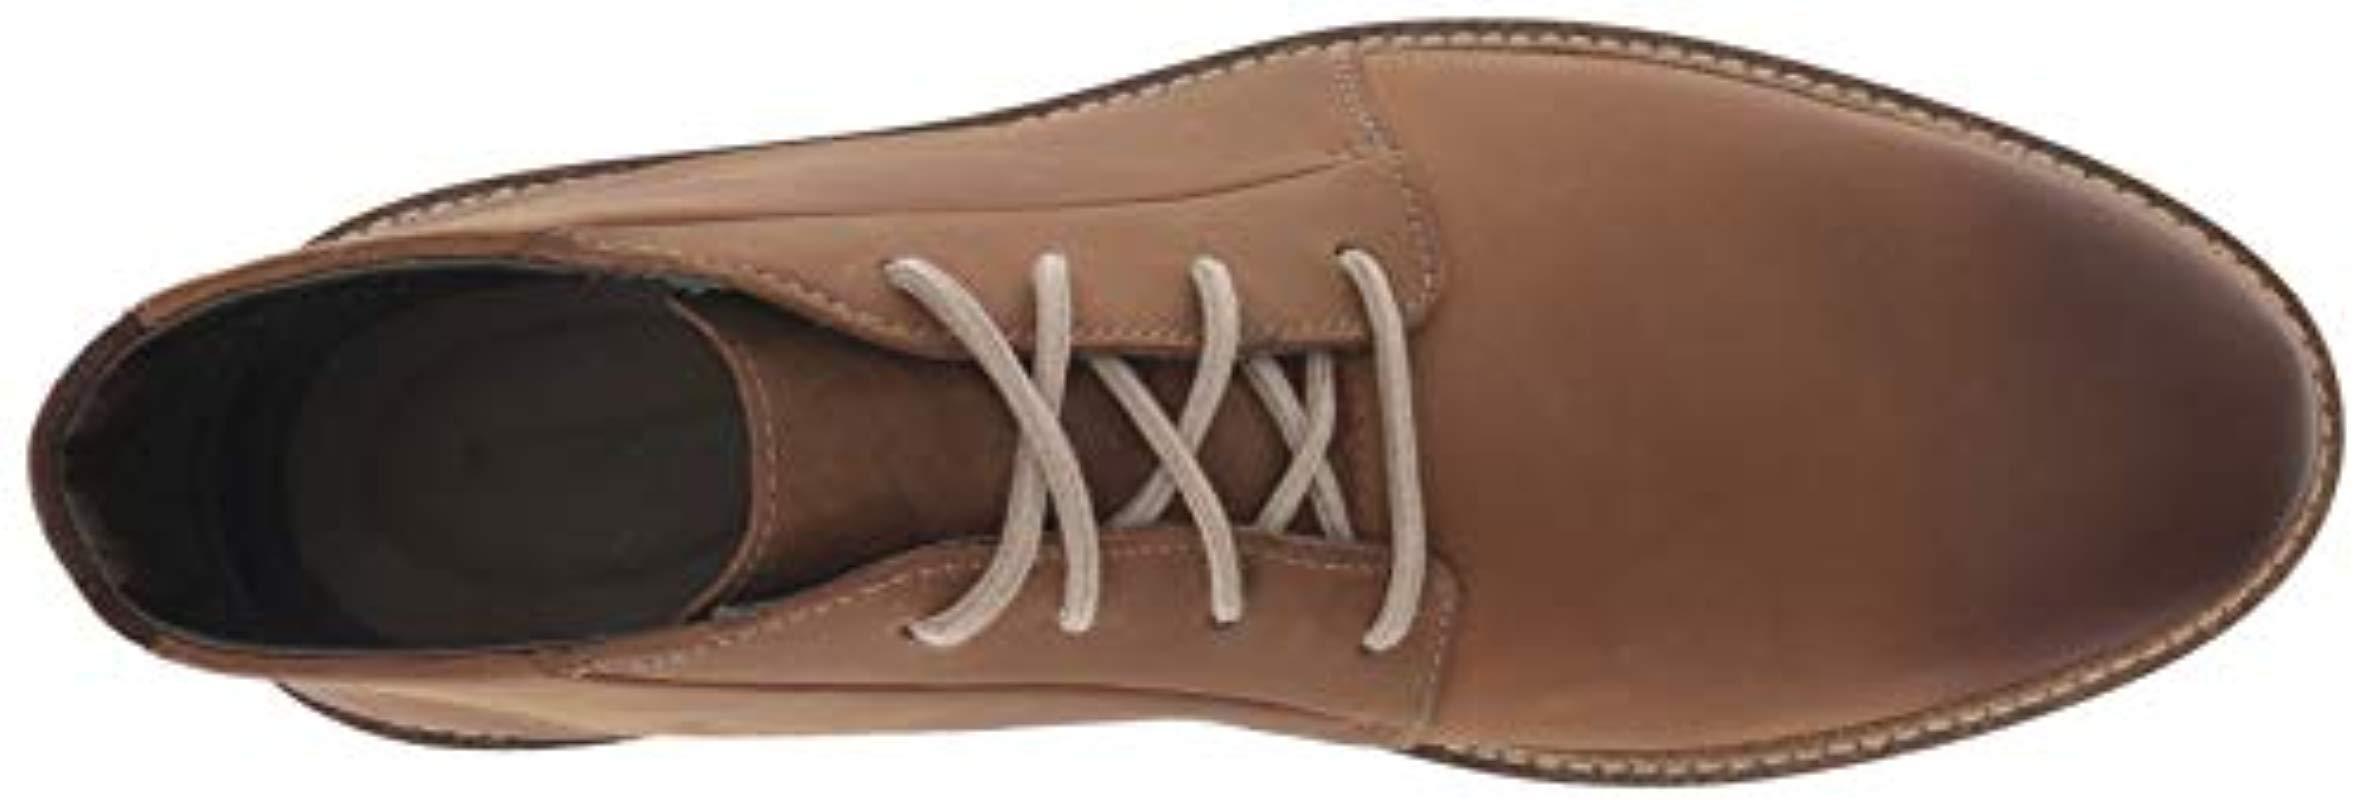 Encommium zapatilla Reportero  Clarks Leather Grandin Mid Boot in Dark Tan Leather (Brown) for Men - Lyst